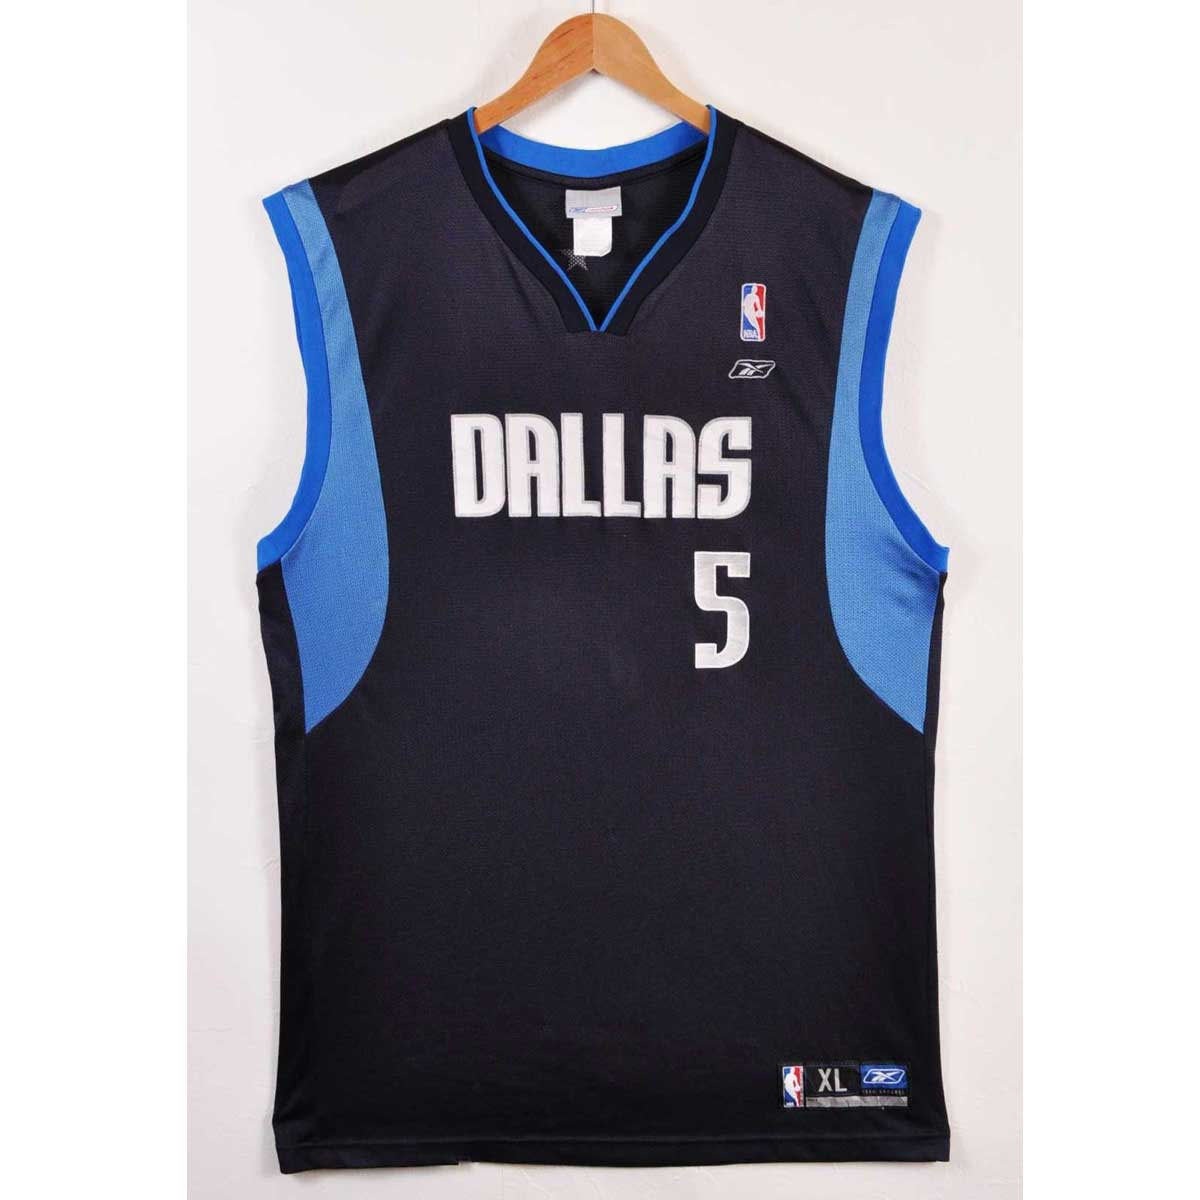 buy online 5aeaf a76f1 Reebok Reebok NBA Dallas Mavericks Dallas Mavericks Josh Howard basketball  tank top uniform numbering navy men 2XL equivalency▼